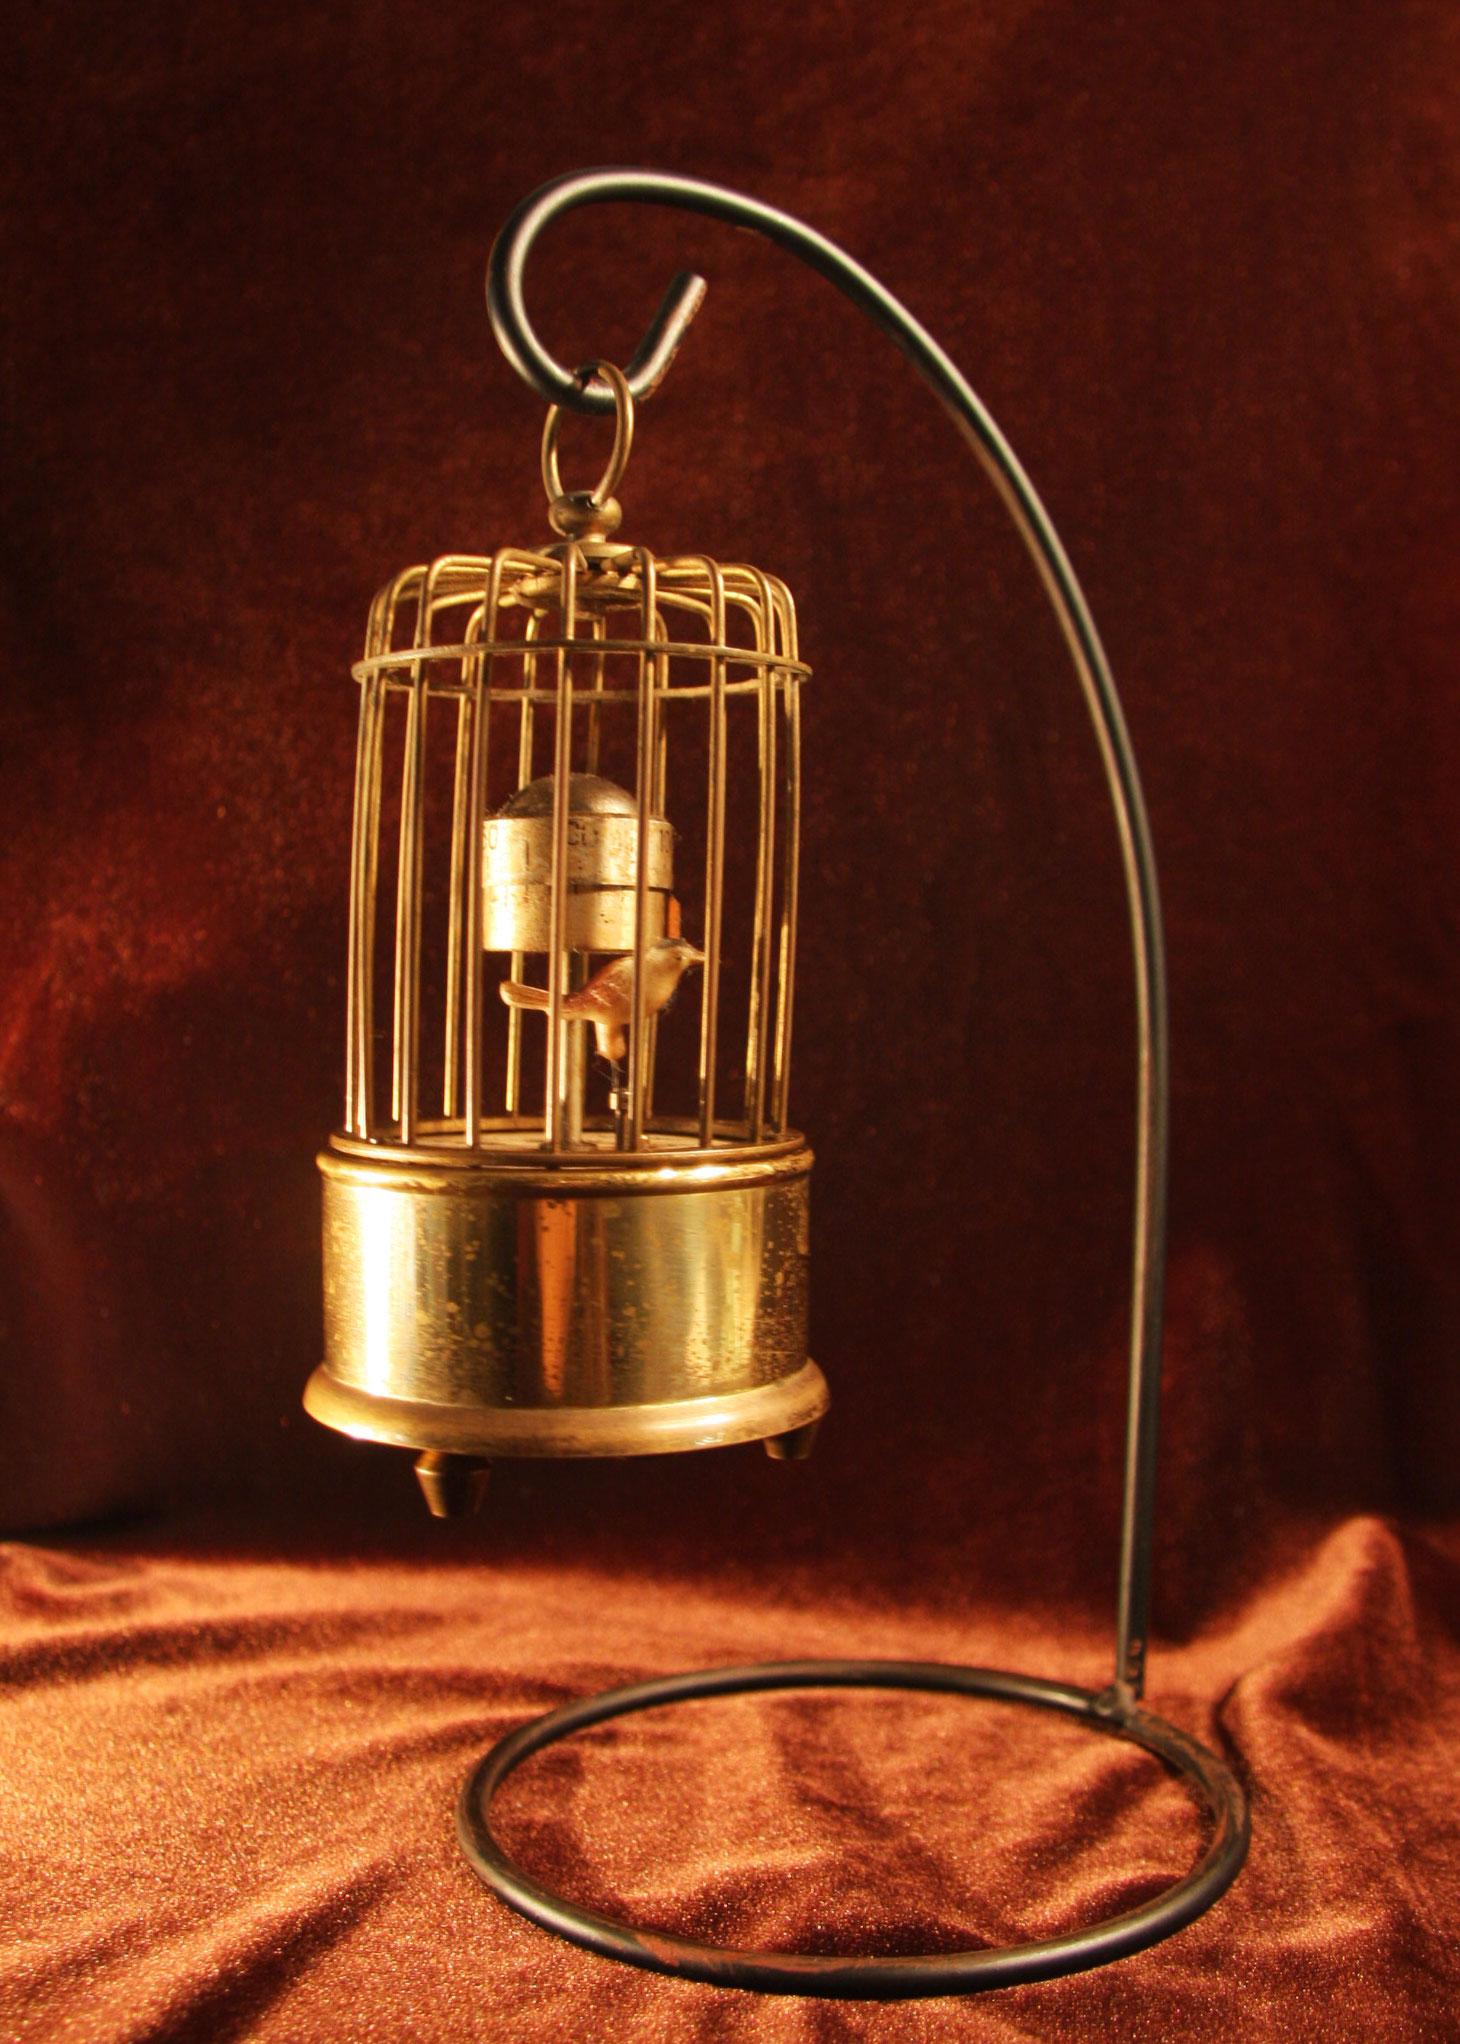 鳥かごの手巻き時計 ドイツ製 現状 【AW1005】